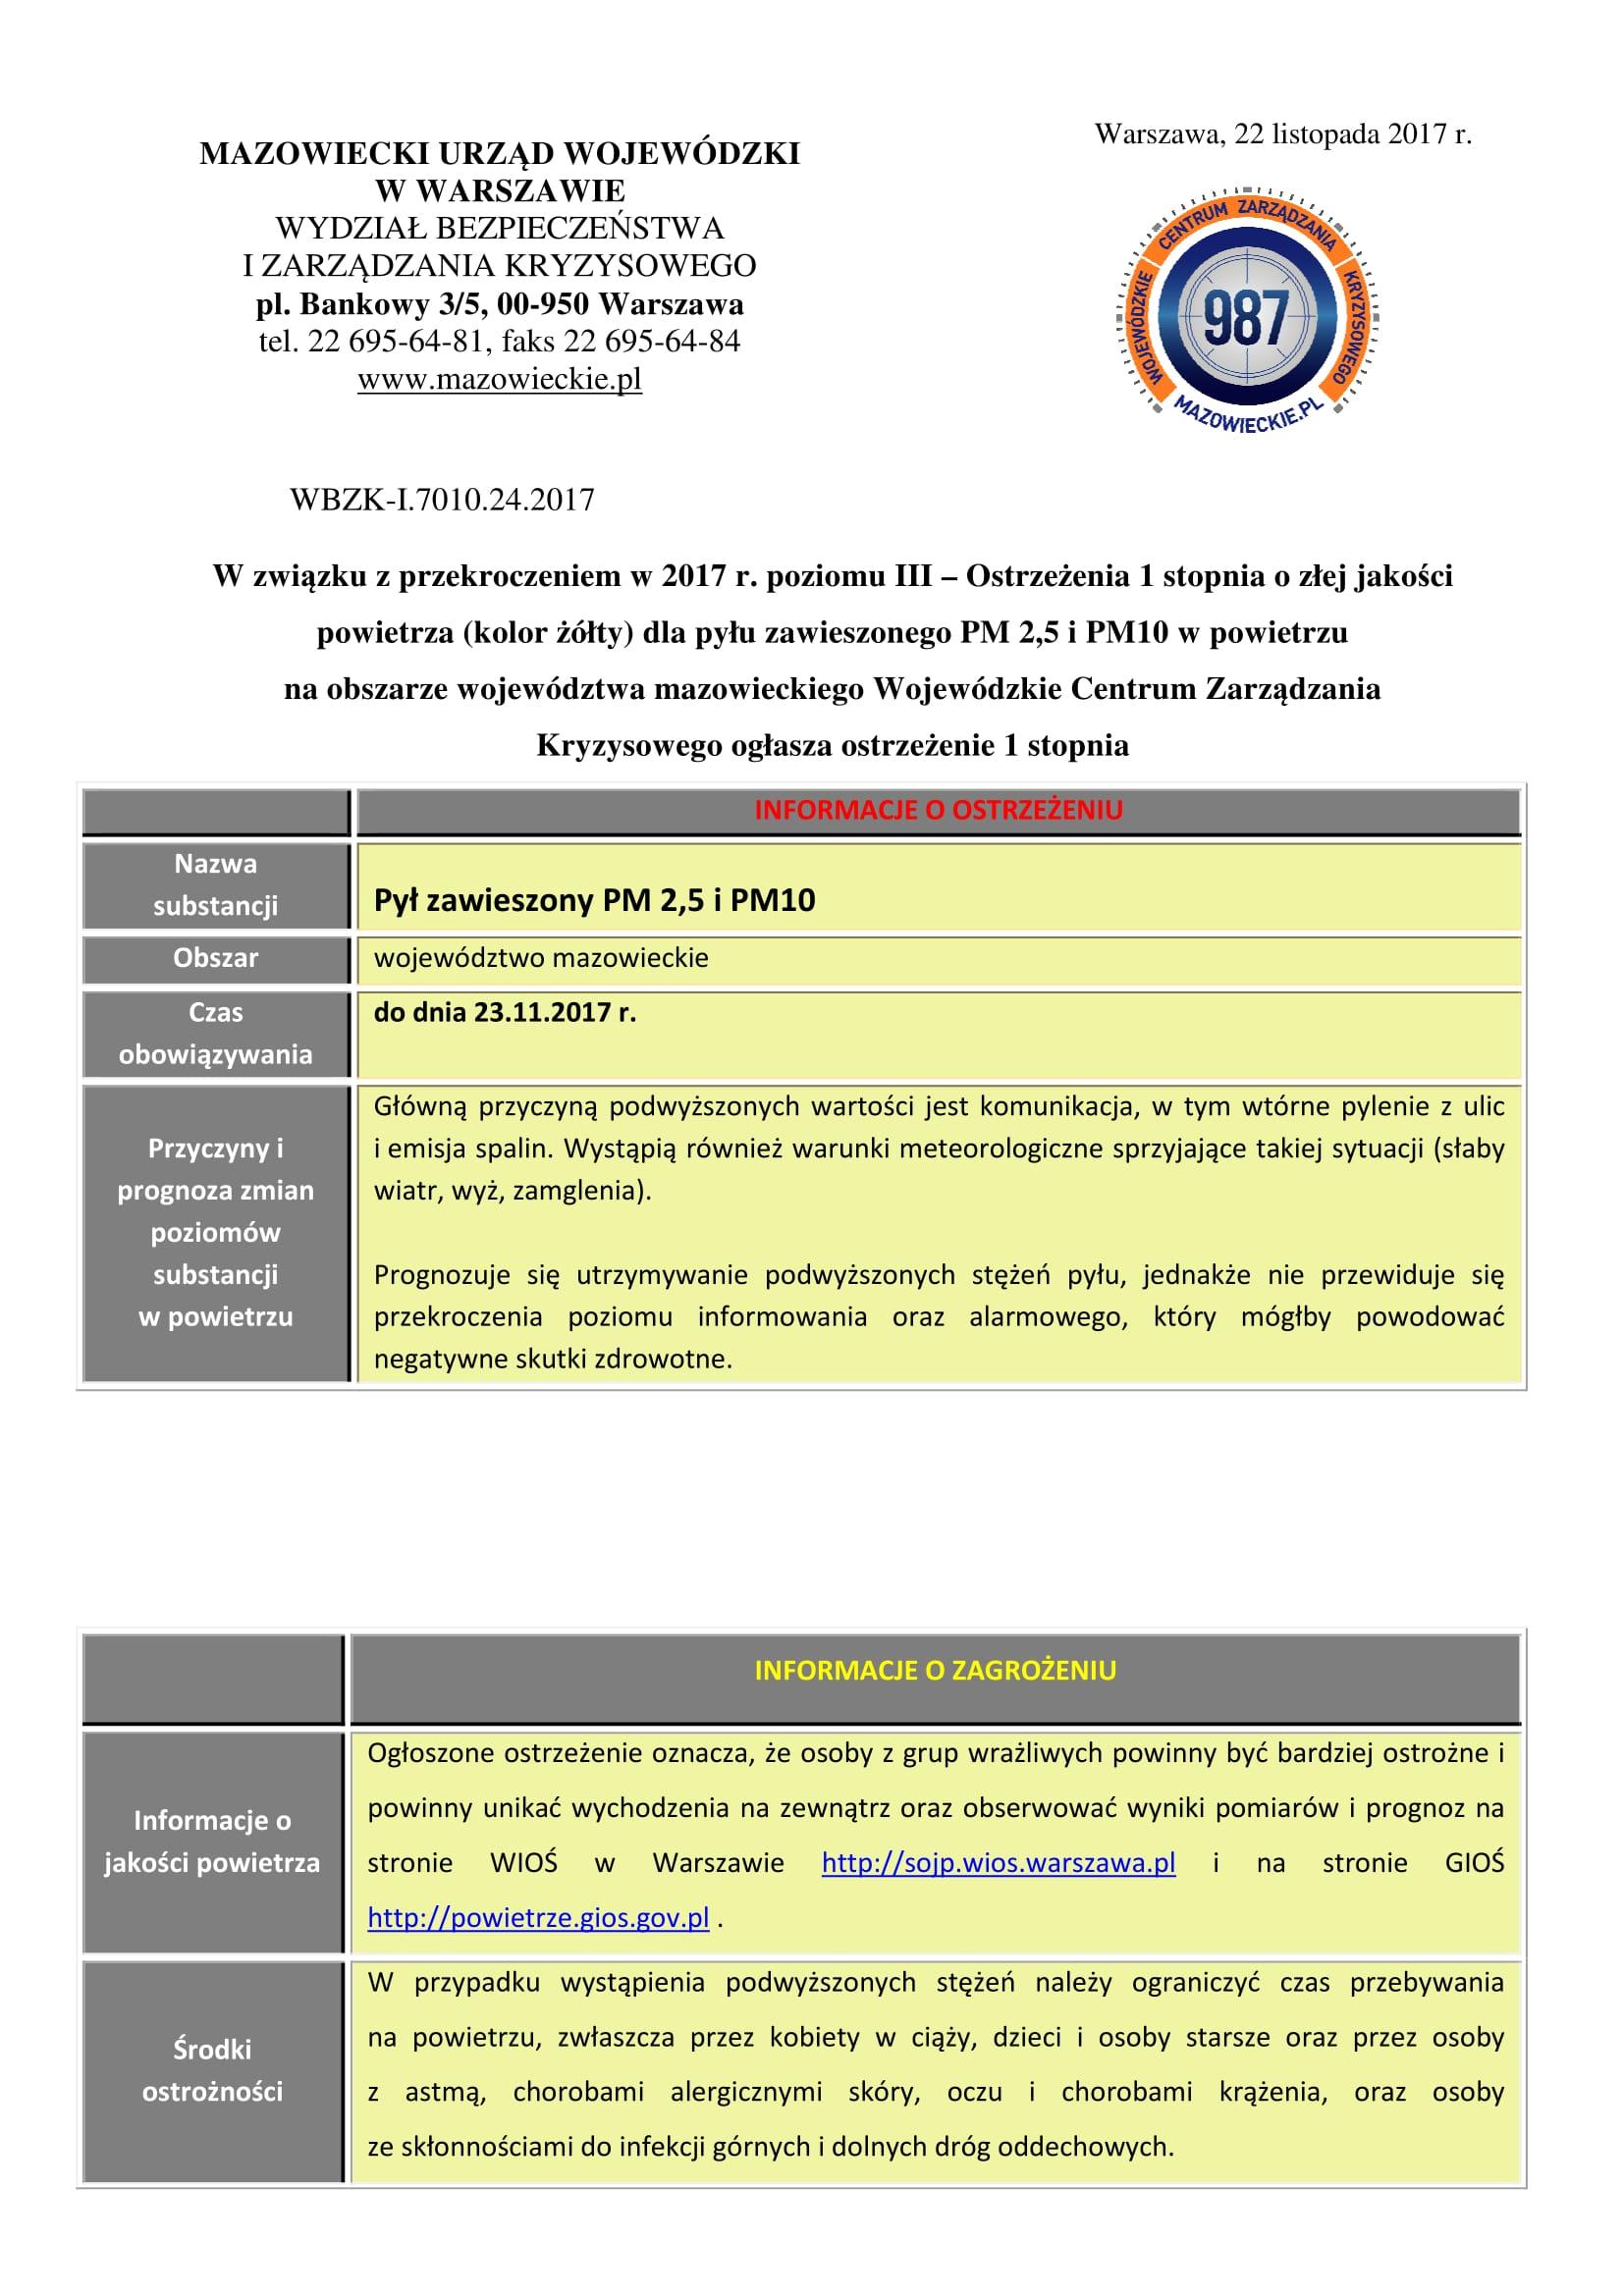 Poziom III - Ostrzeżenie 1 PM 2,5 i PM 10 22 llistopad-1